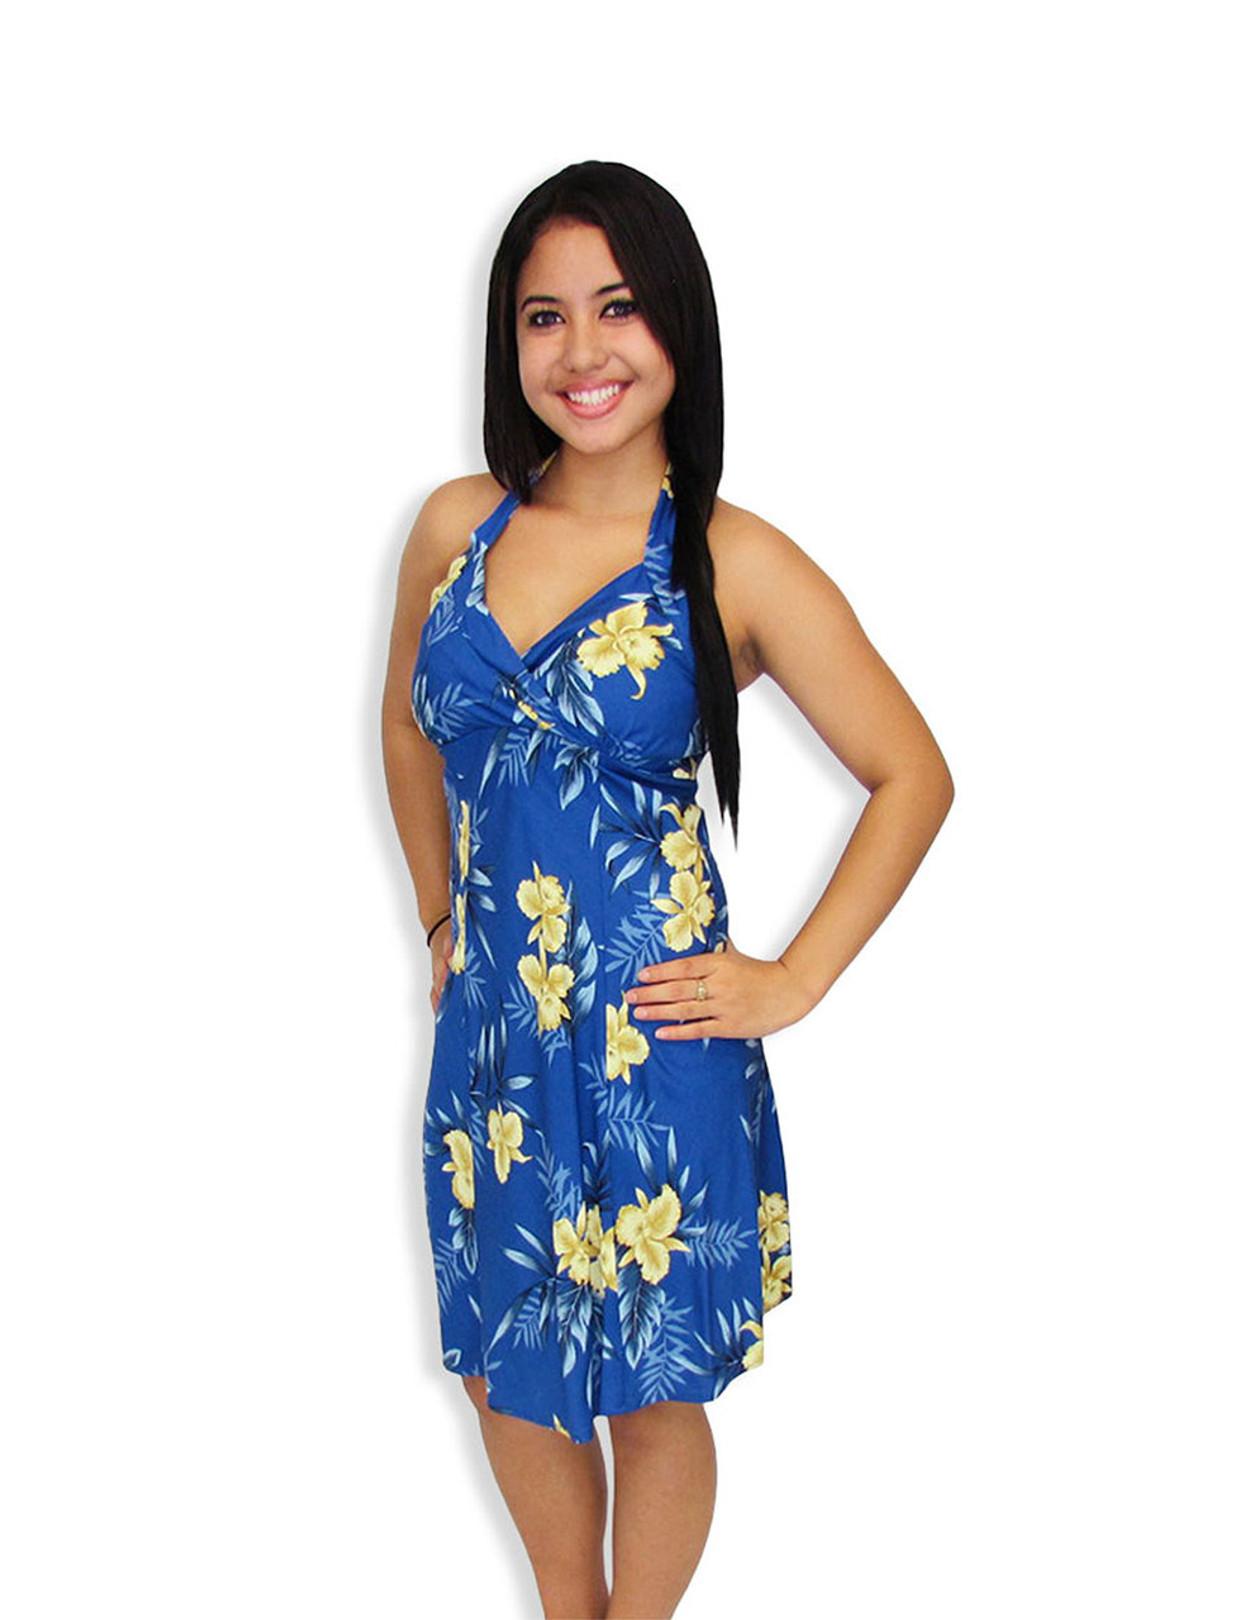 Short Halter Hawaiian Okalani Fashion Dress - Hawaiian Wedding Place